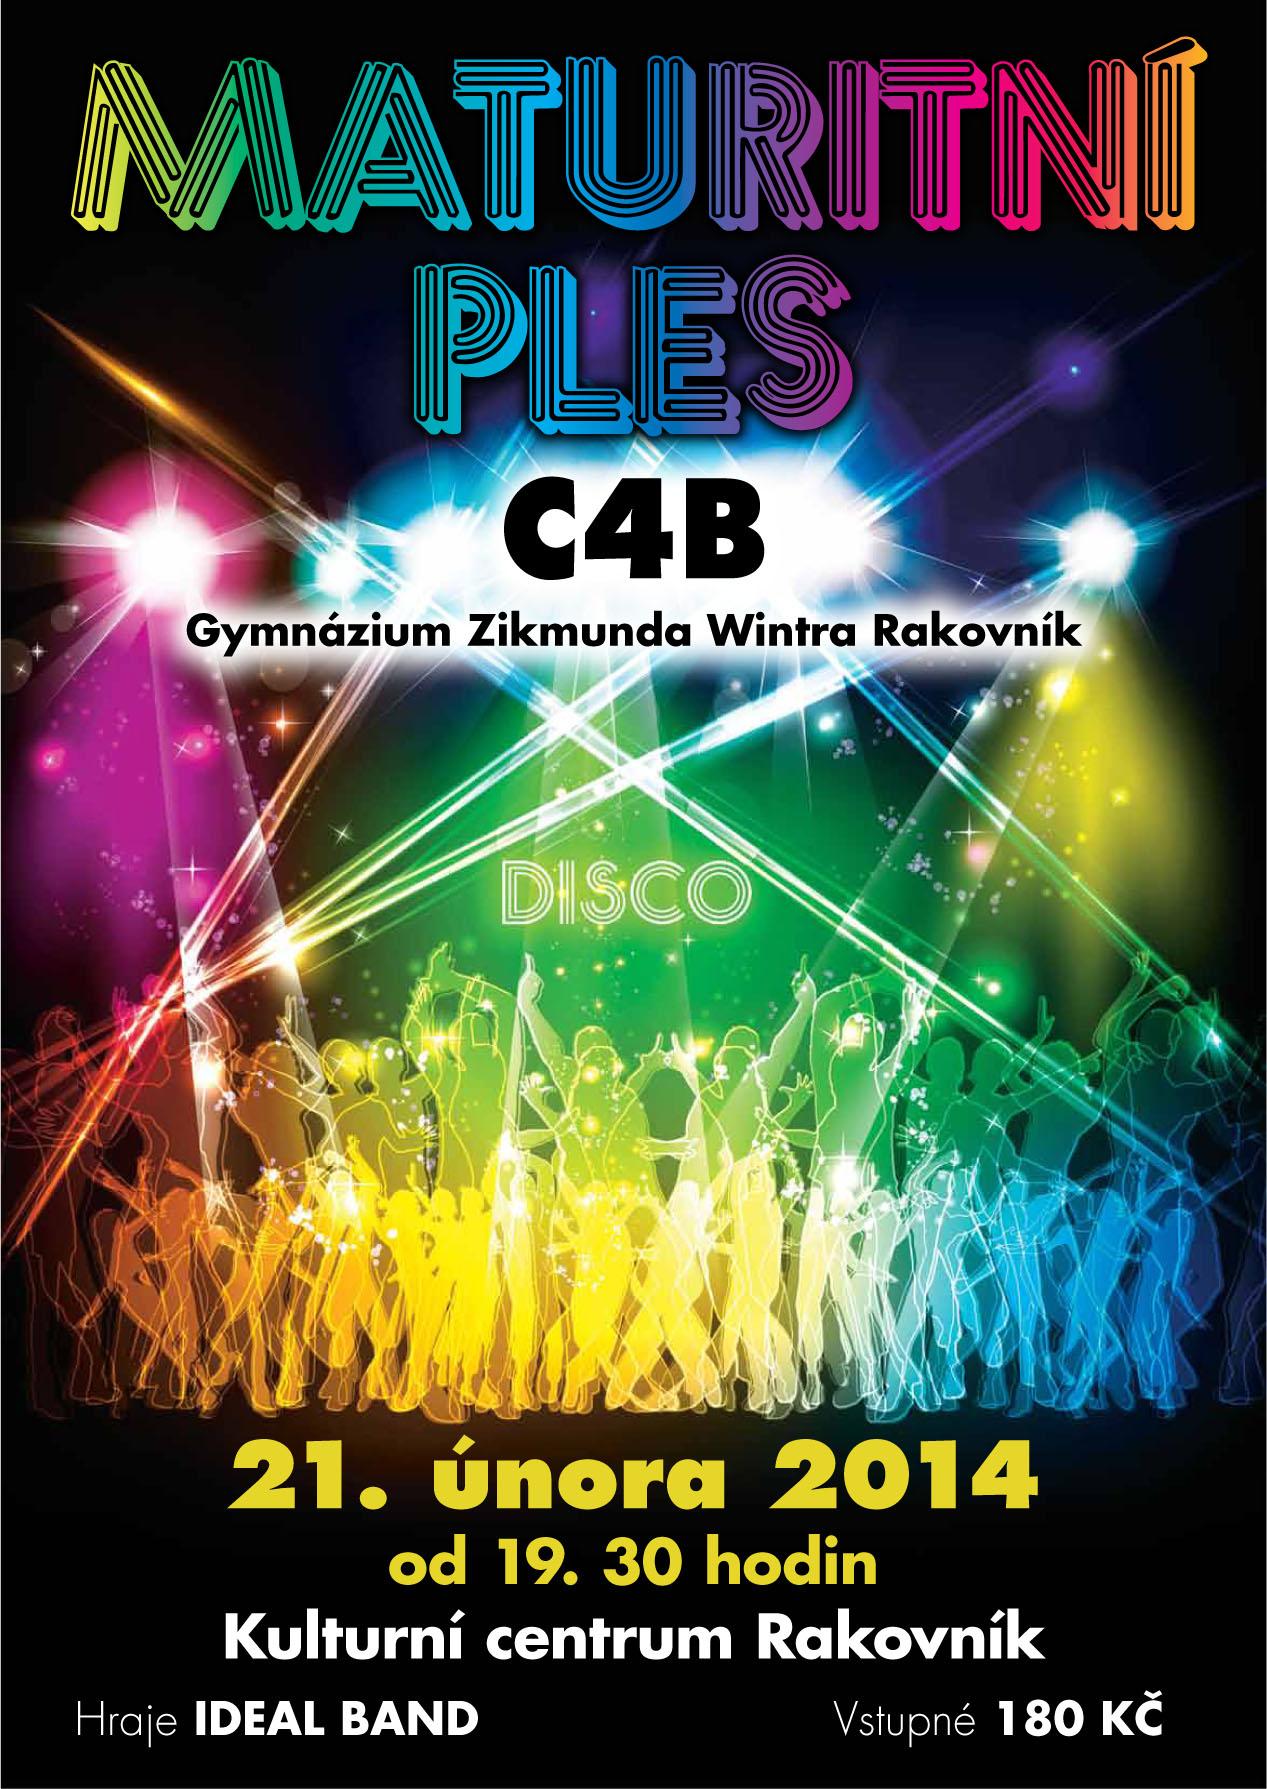 Plakát - maturitní ples C4B